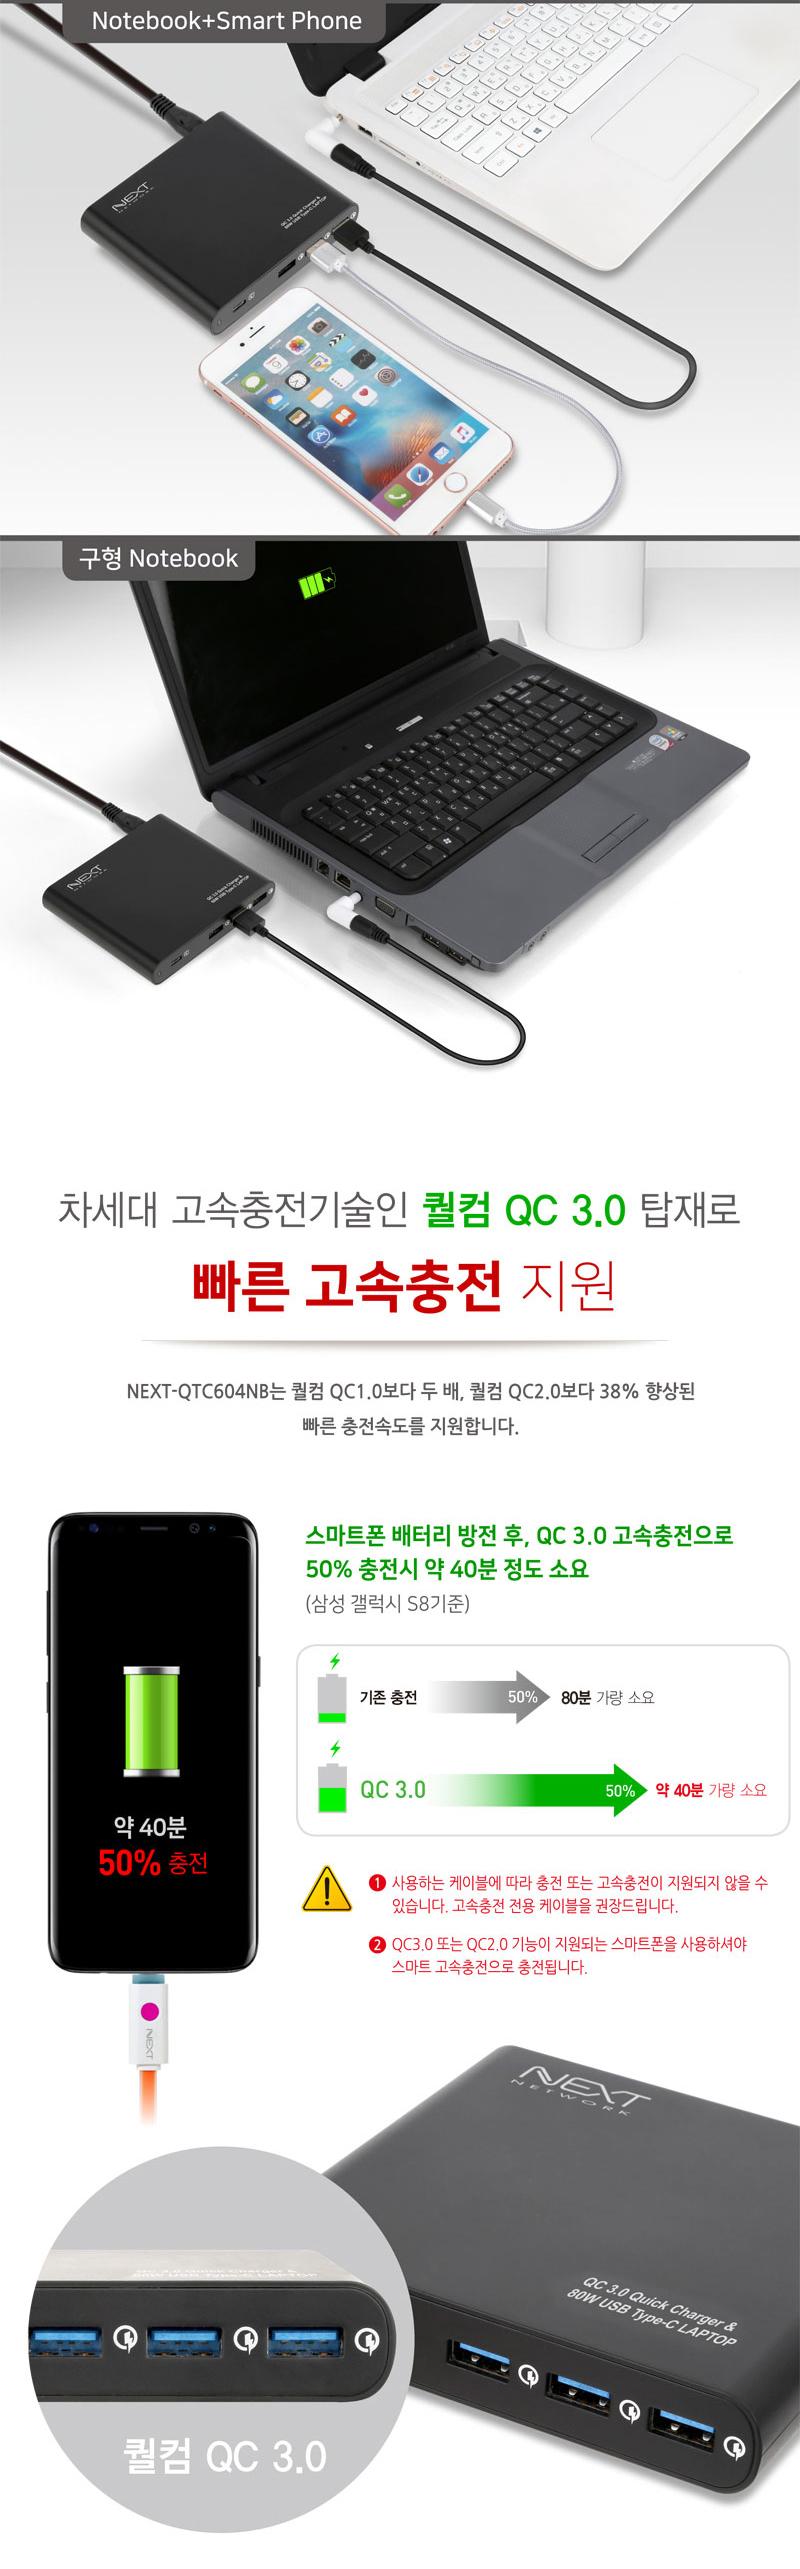 이지넷유비쿼터스 넥스트 USB-PD/QC4.0 80W 4포트 충전기 NEXT-QTC604NB